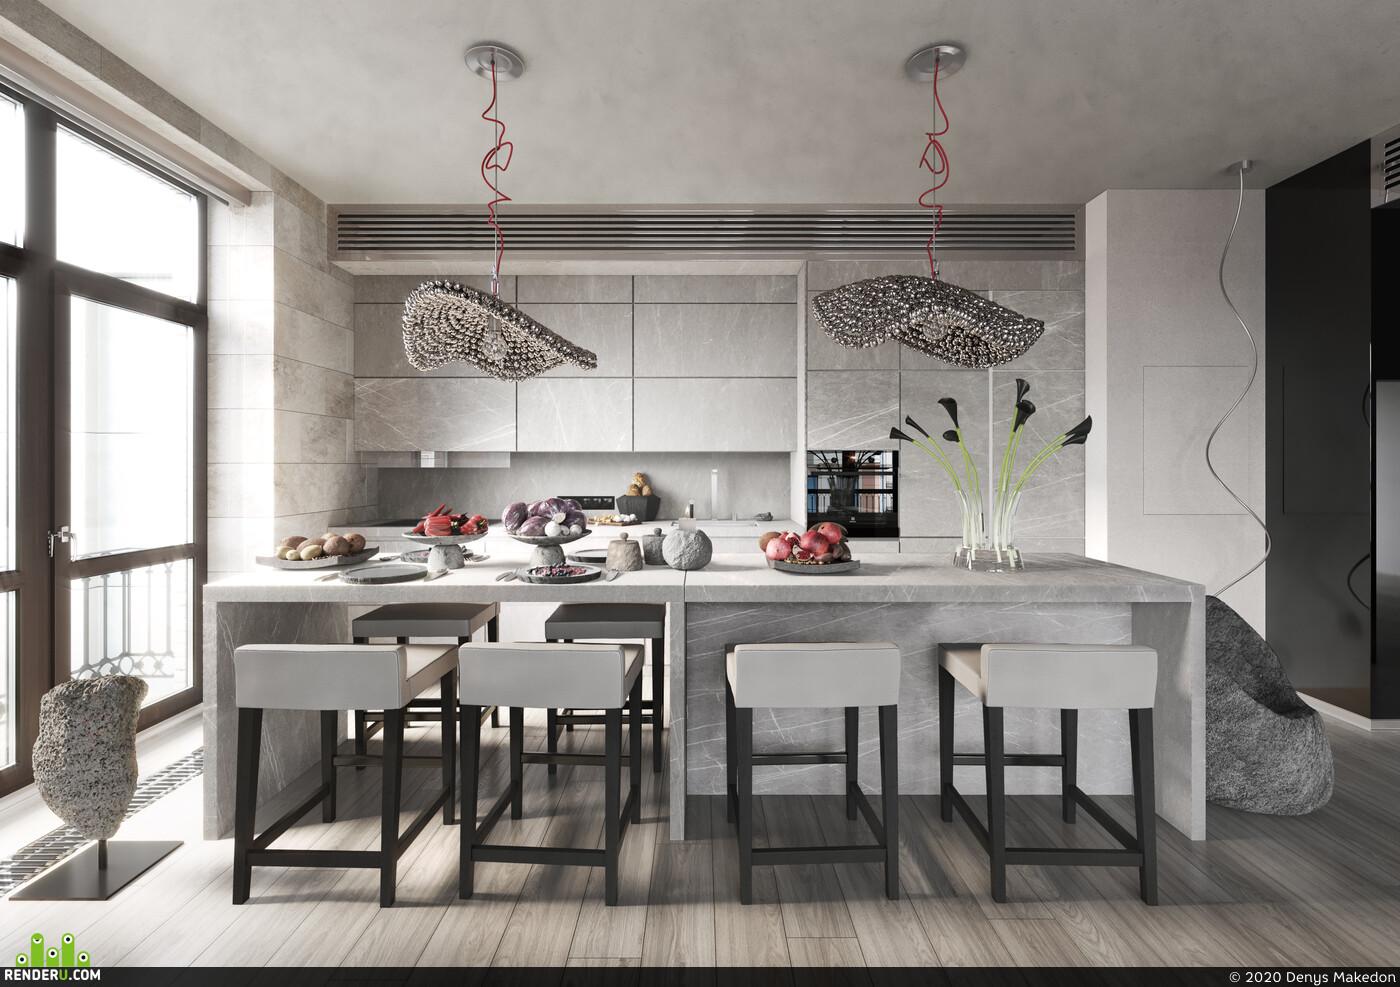 apartament, kitchen, cutlery